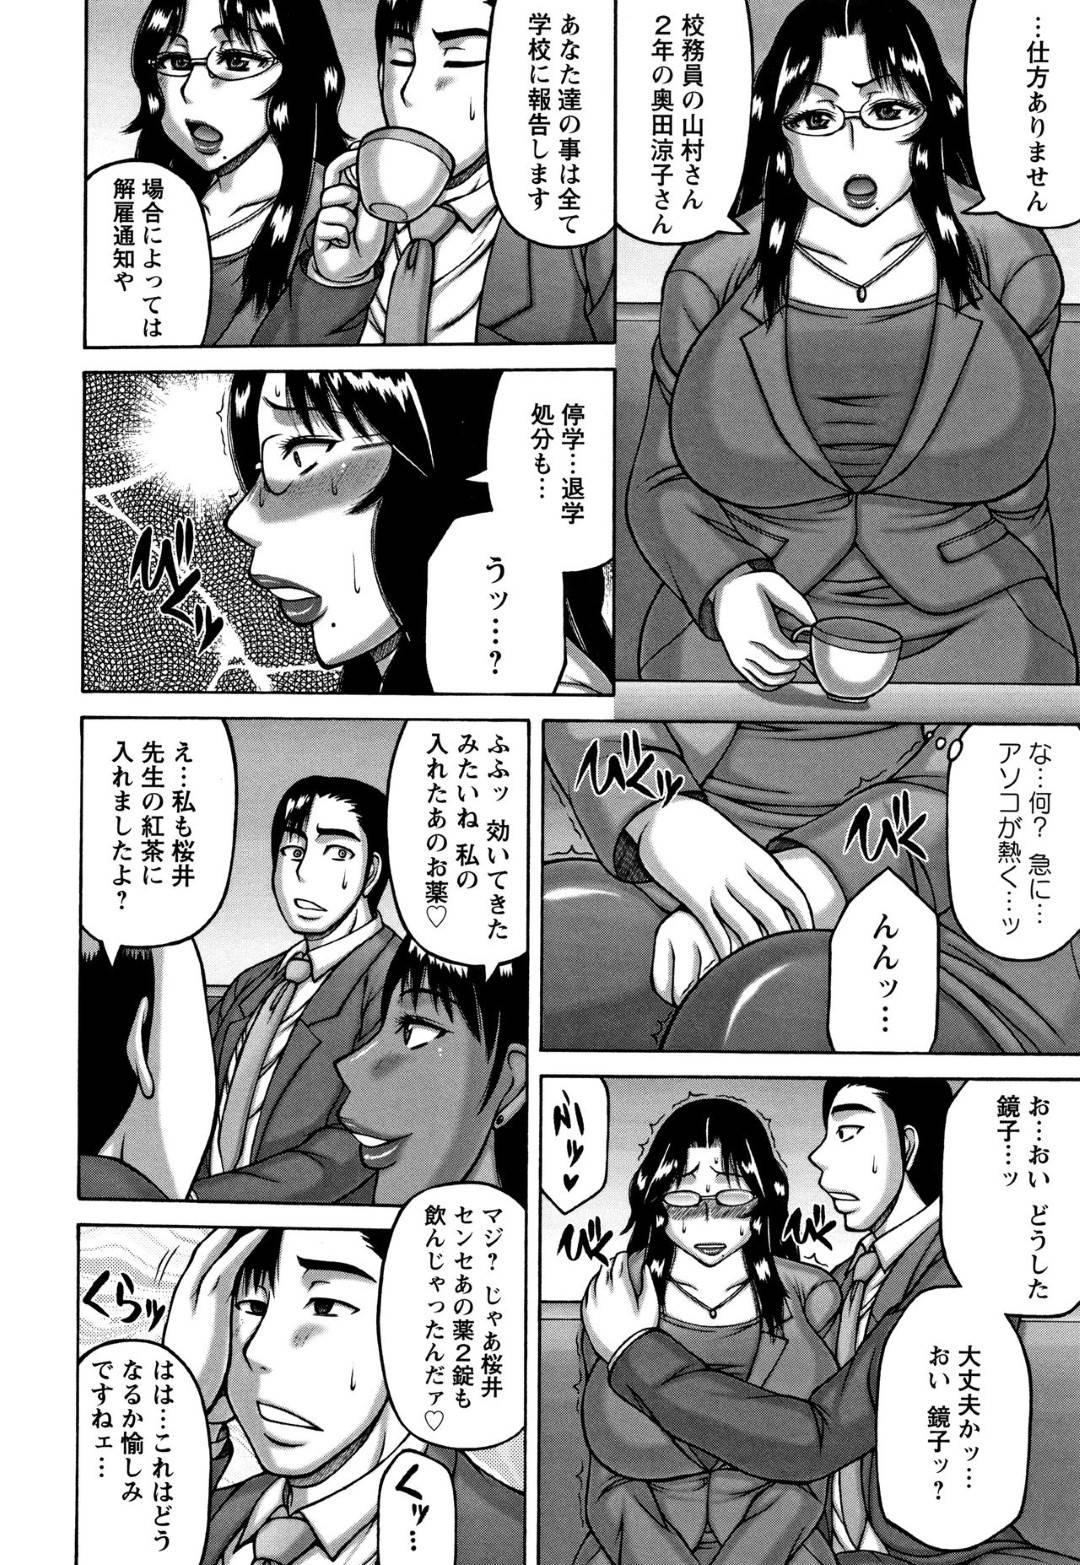 【エロ漫画】黒ギャルJKと絶倫巨根男にドラッグを飲まされ寝取られ堕ちしてしまう女教師。熟れたムチムチボディが喜悦の叫びをあげる!